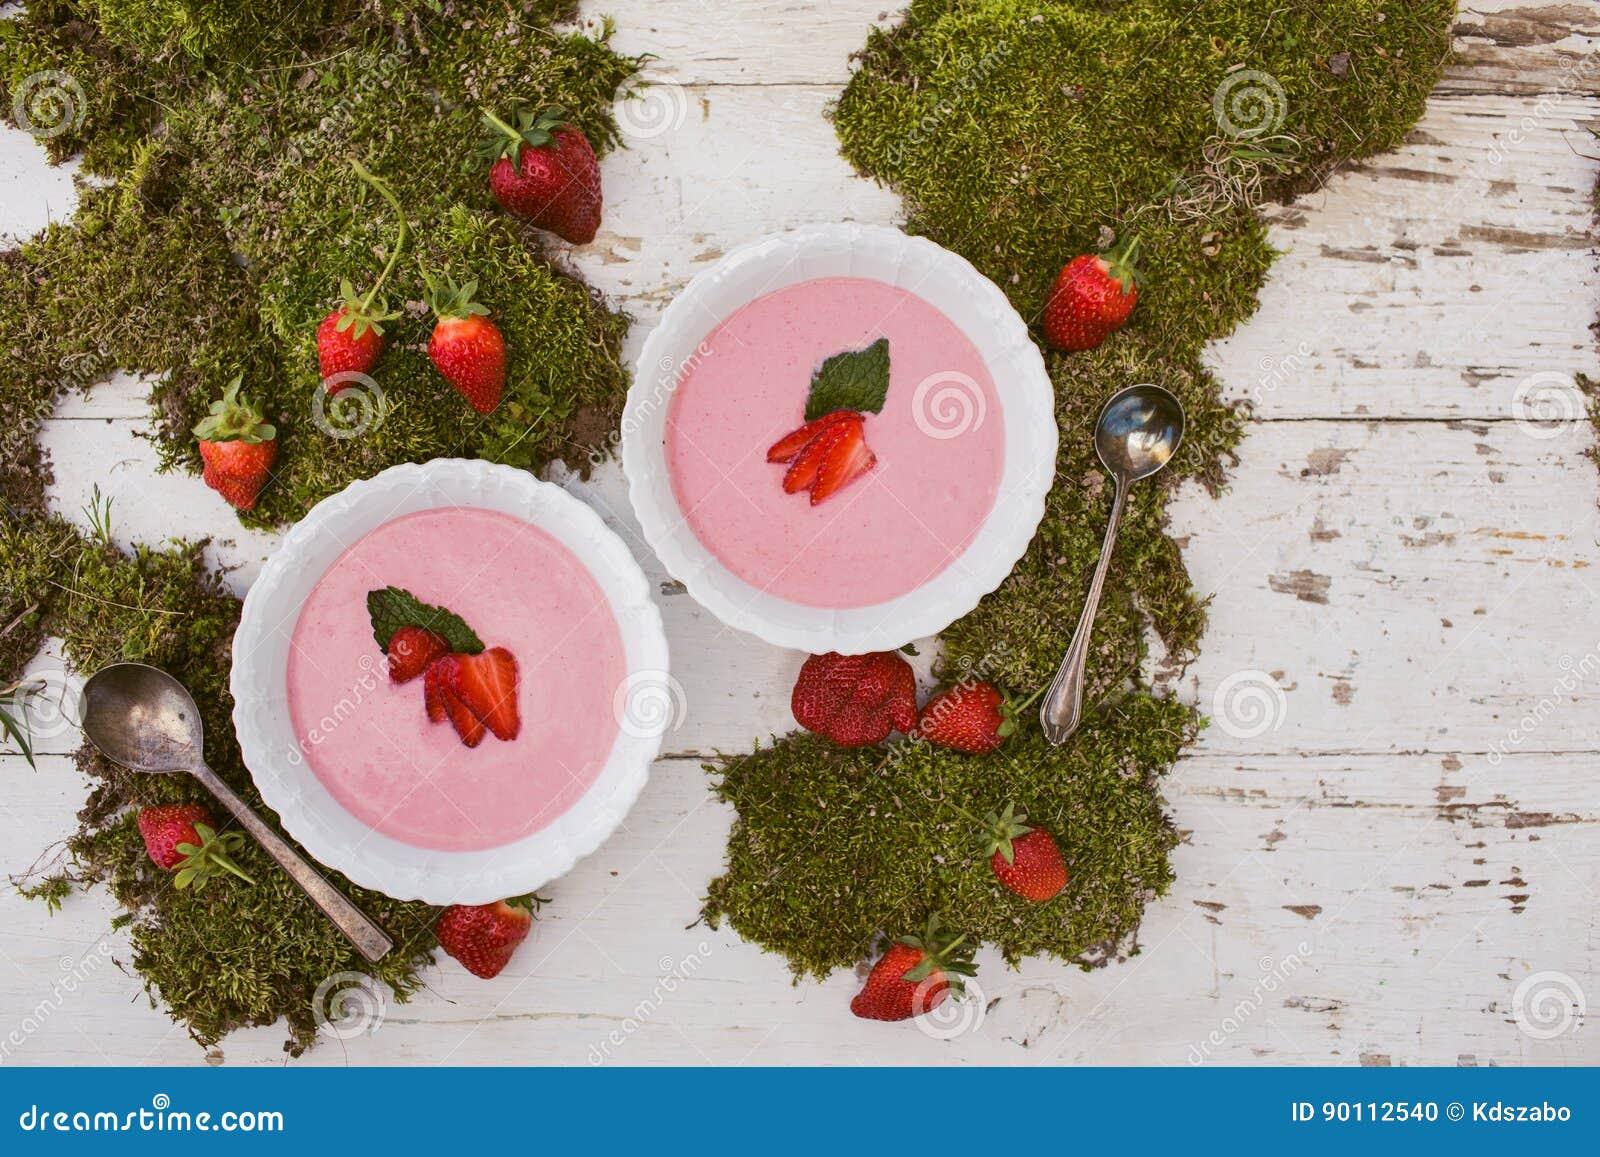 Verse Roze Aardbeisoep